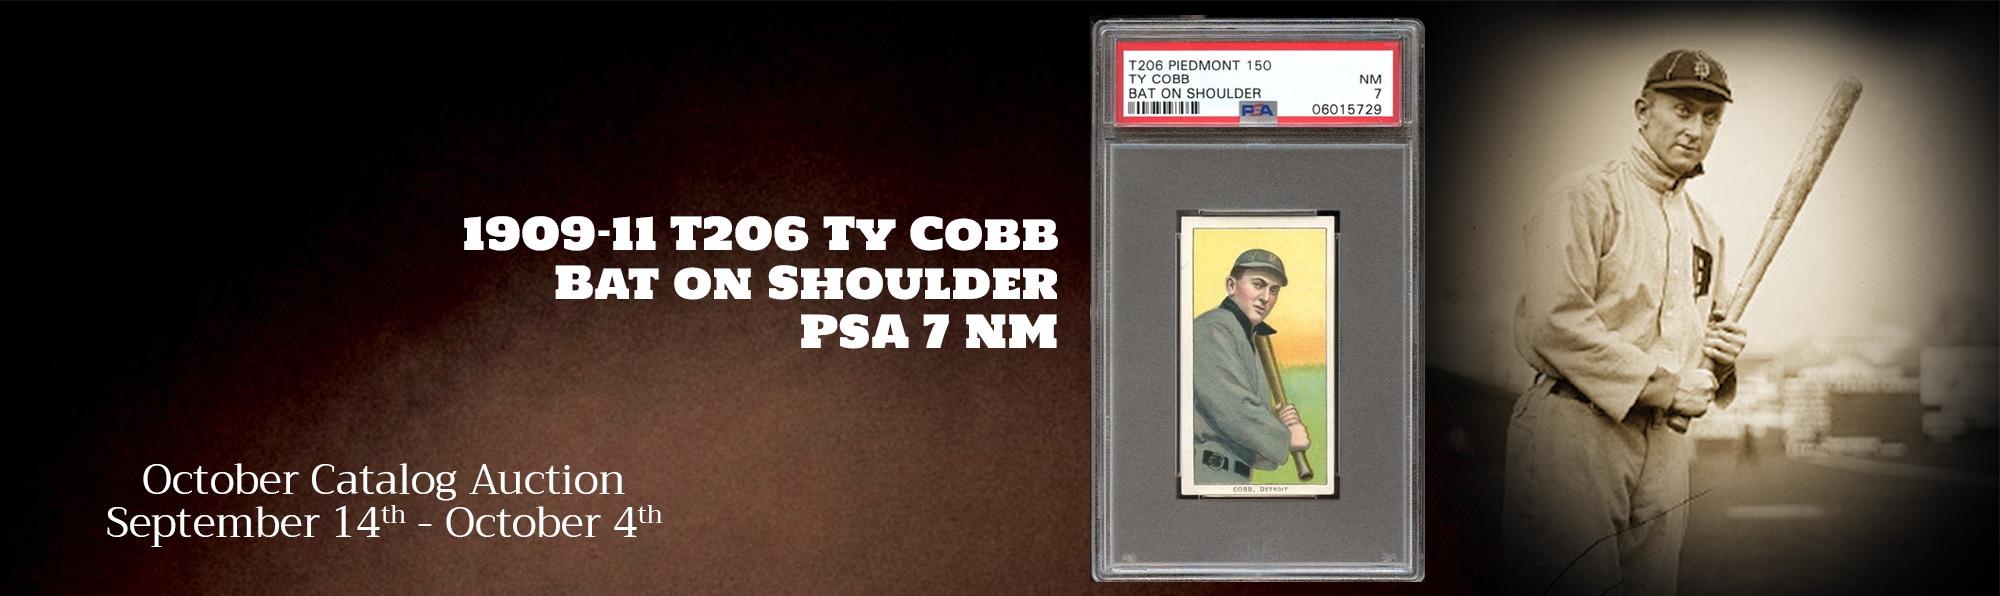 T206 Ty Cobb Bat on Shoulder